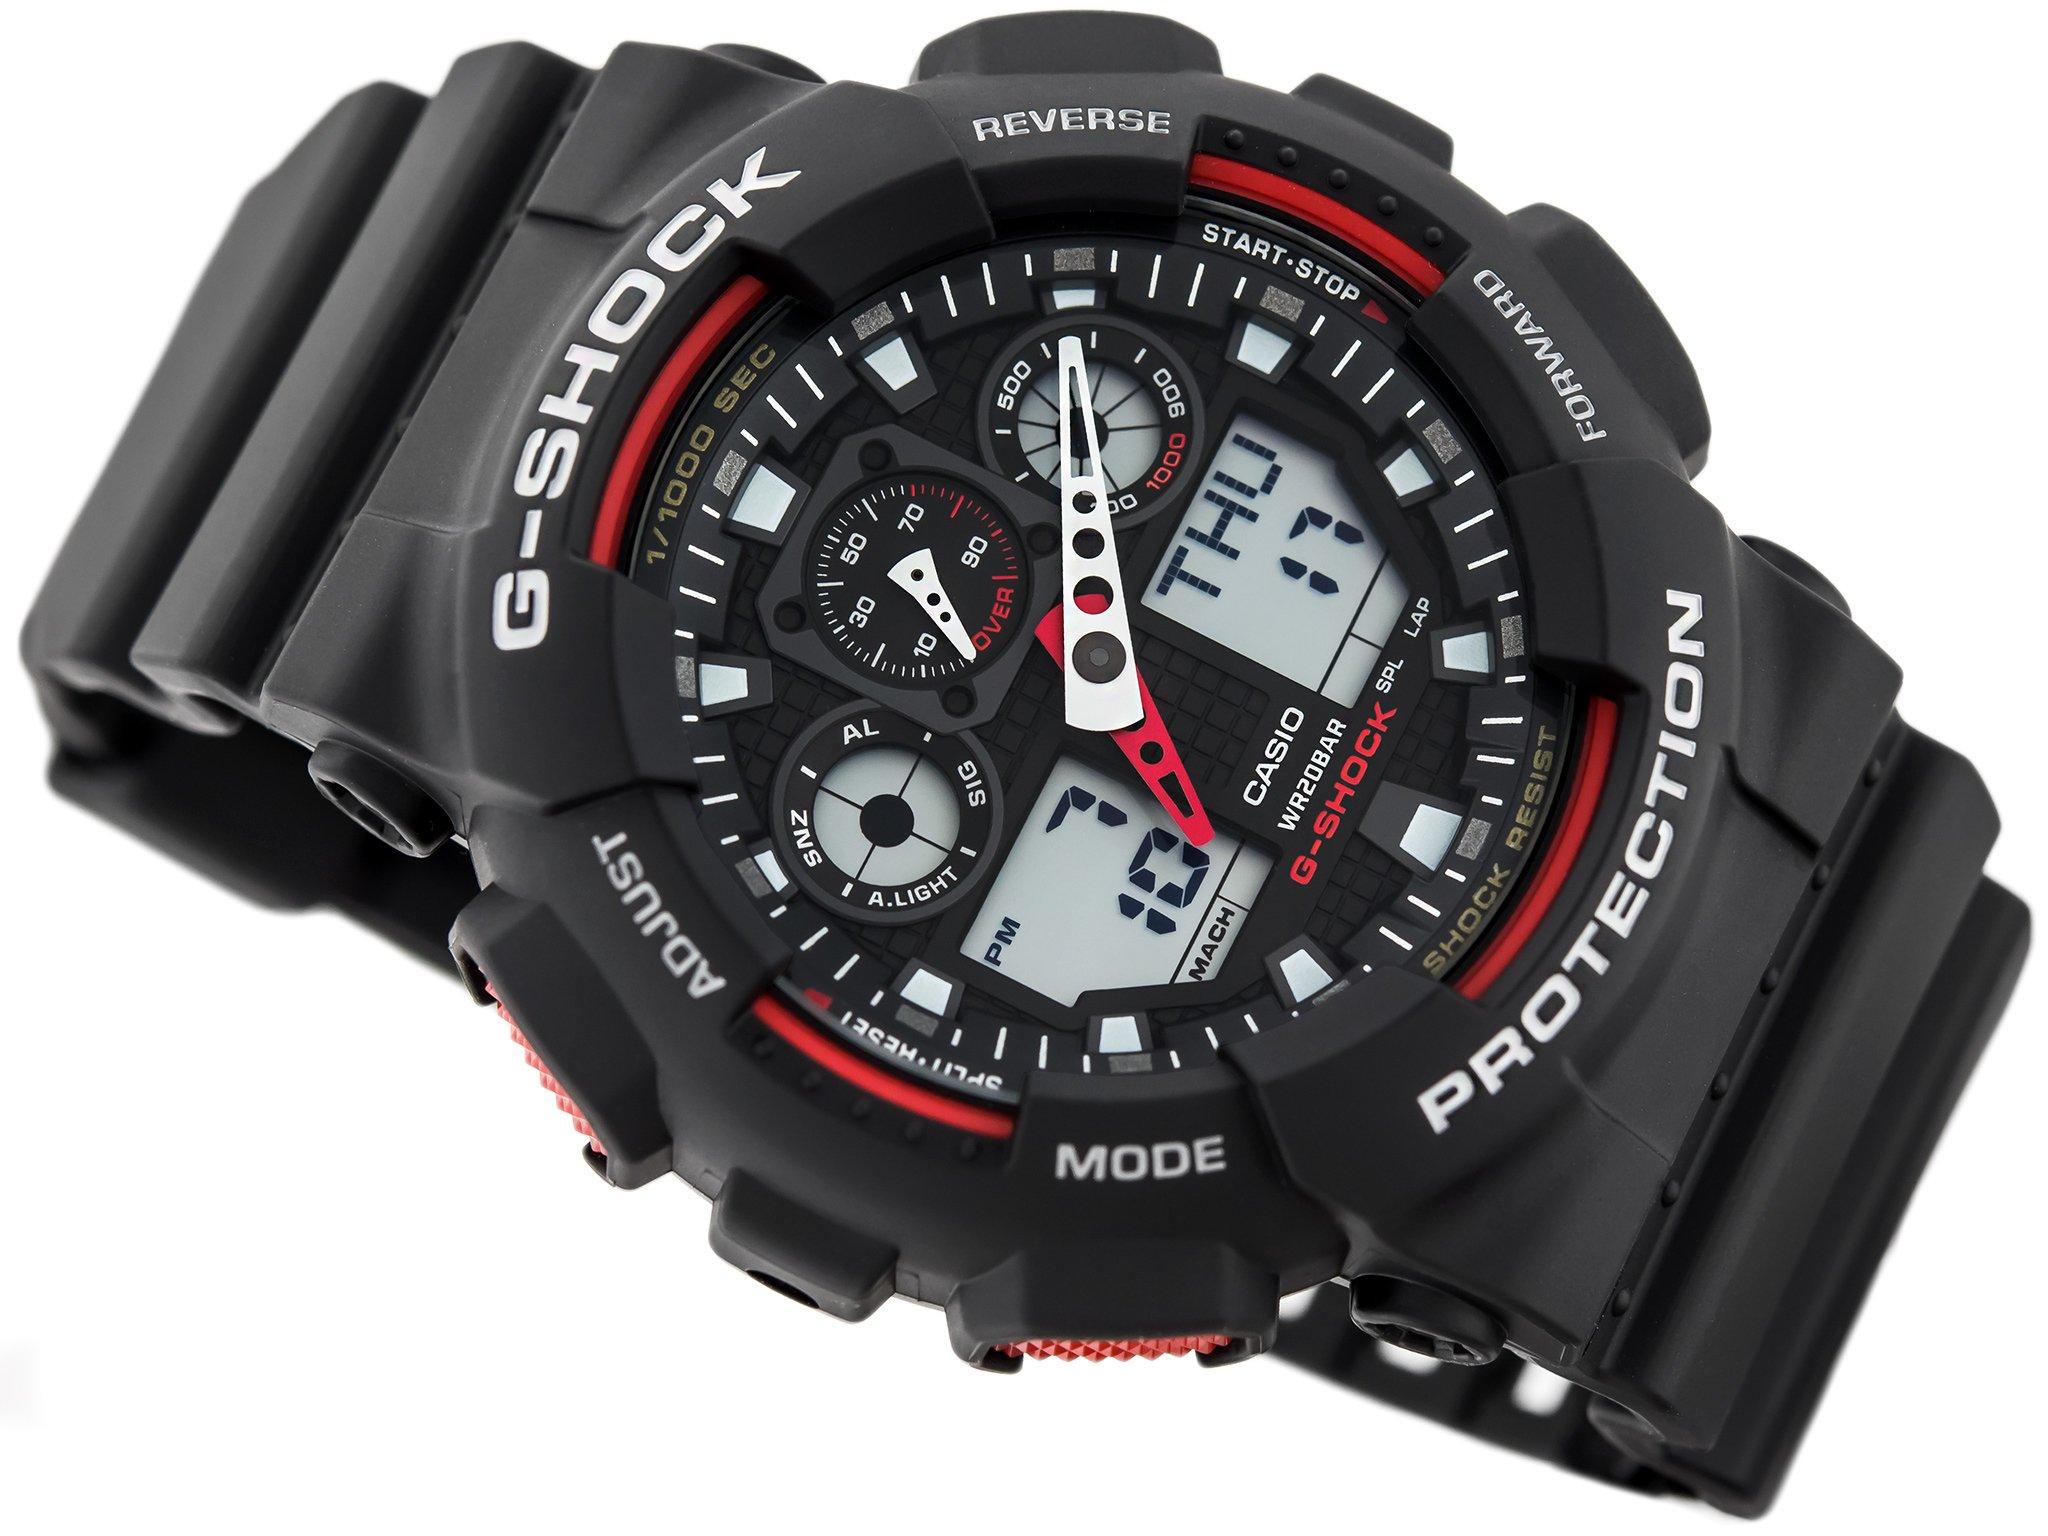 gdzie kupić zegarek g shock tanio